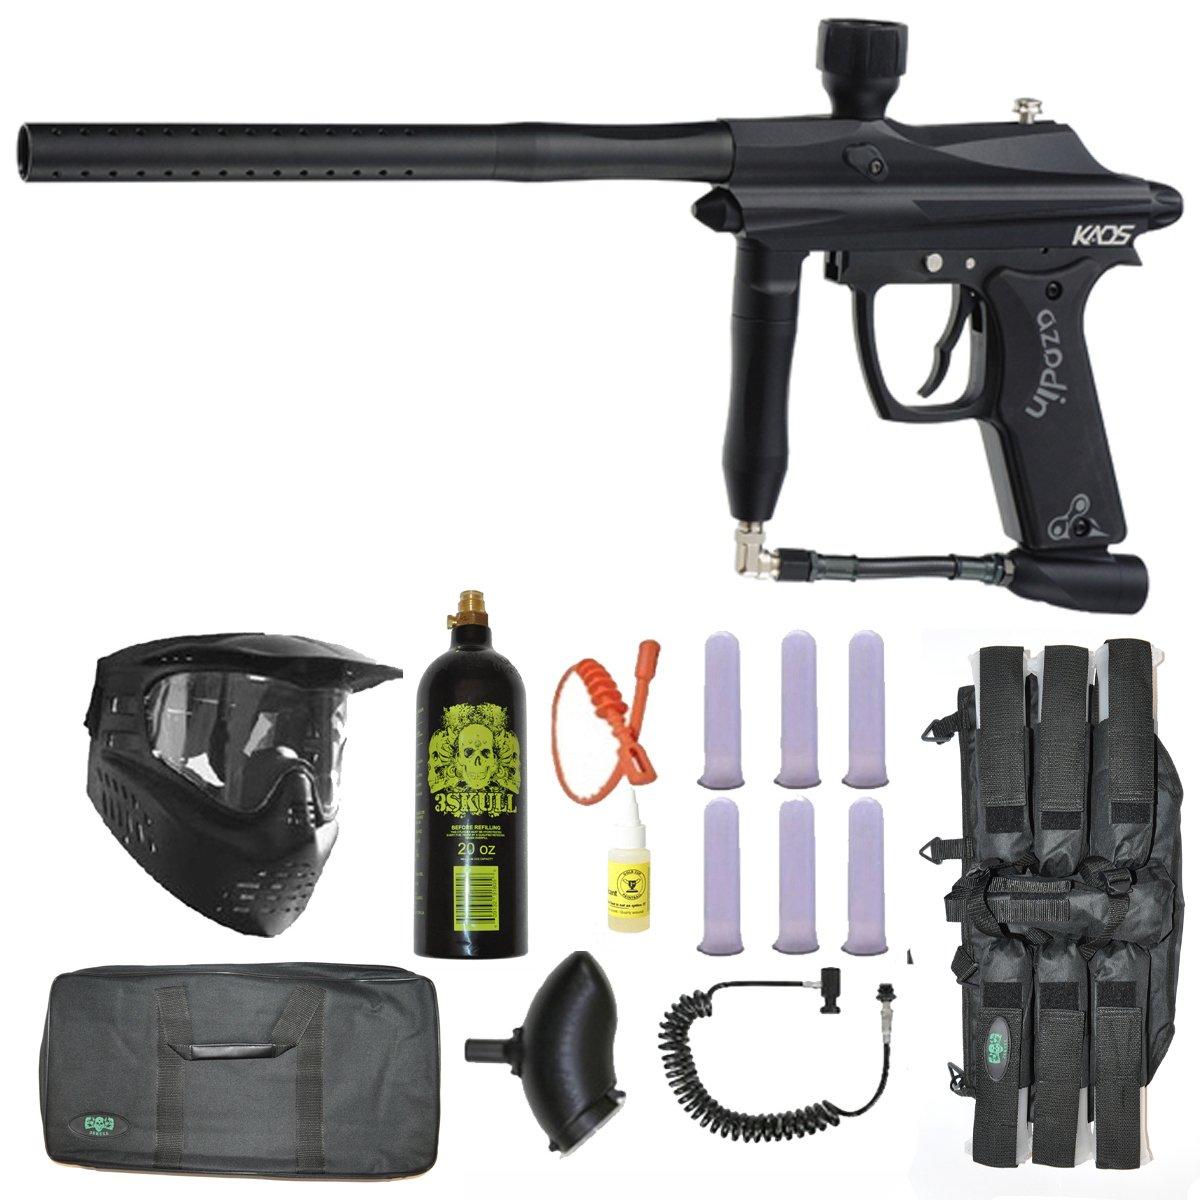 Azodin Kaos Paintball Marker Gun 3Skull Sniper Set - Black